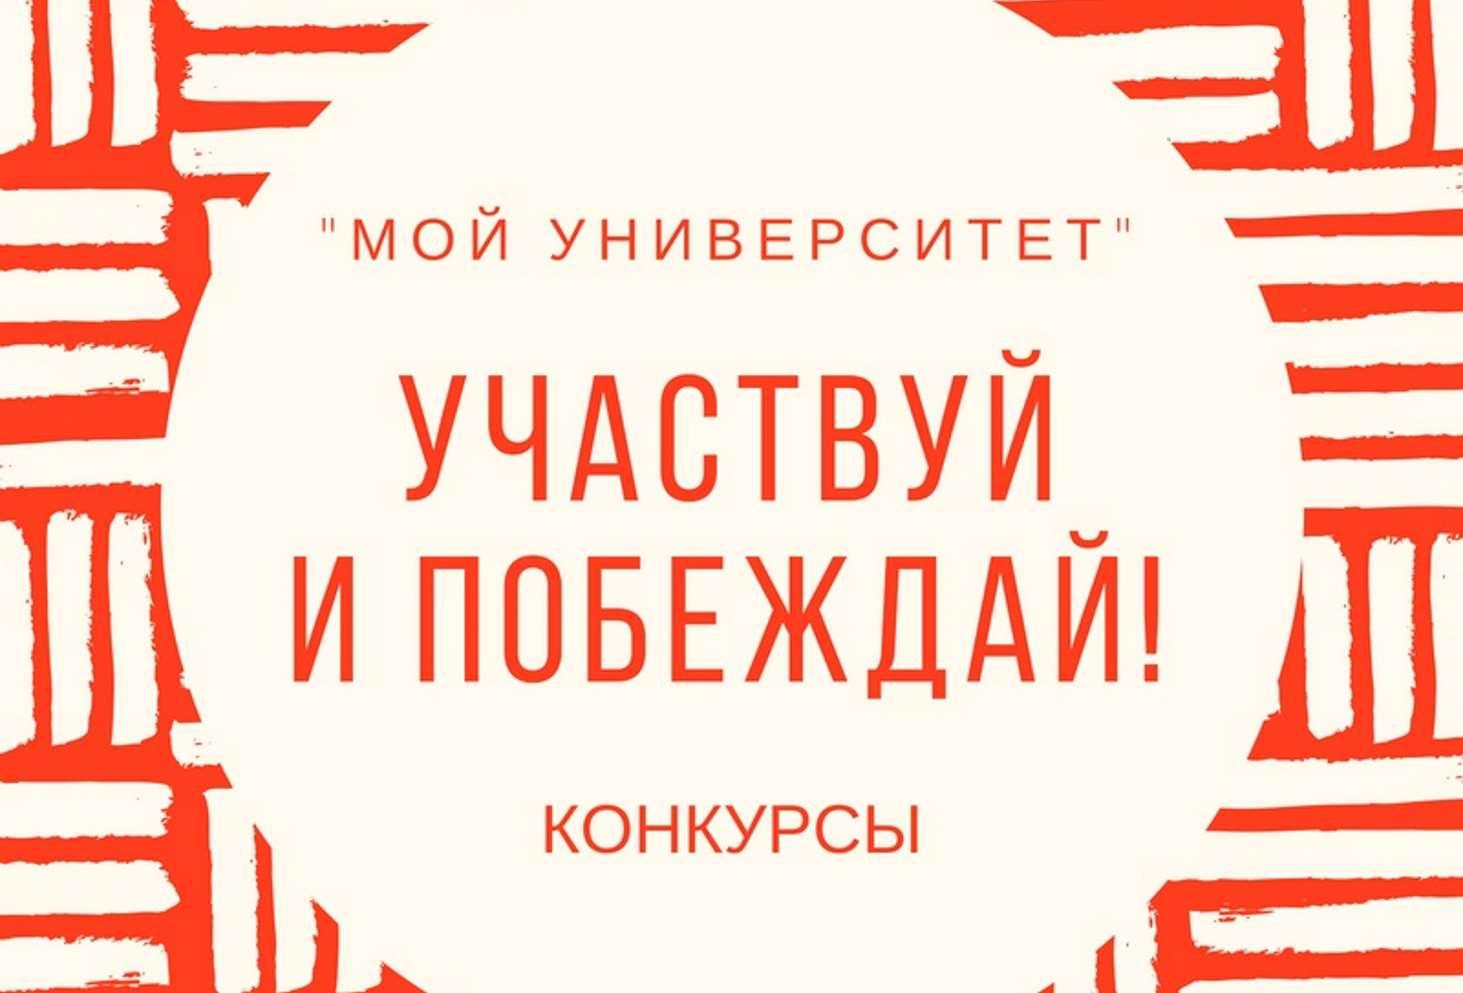 priglashaem-na-konkursy-dlya-uchitelej-i-vospitatelej-ot-moego-universiteta